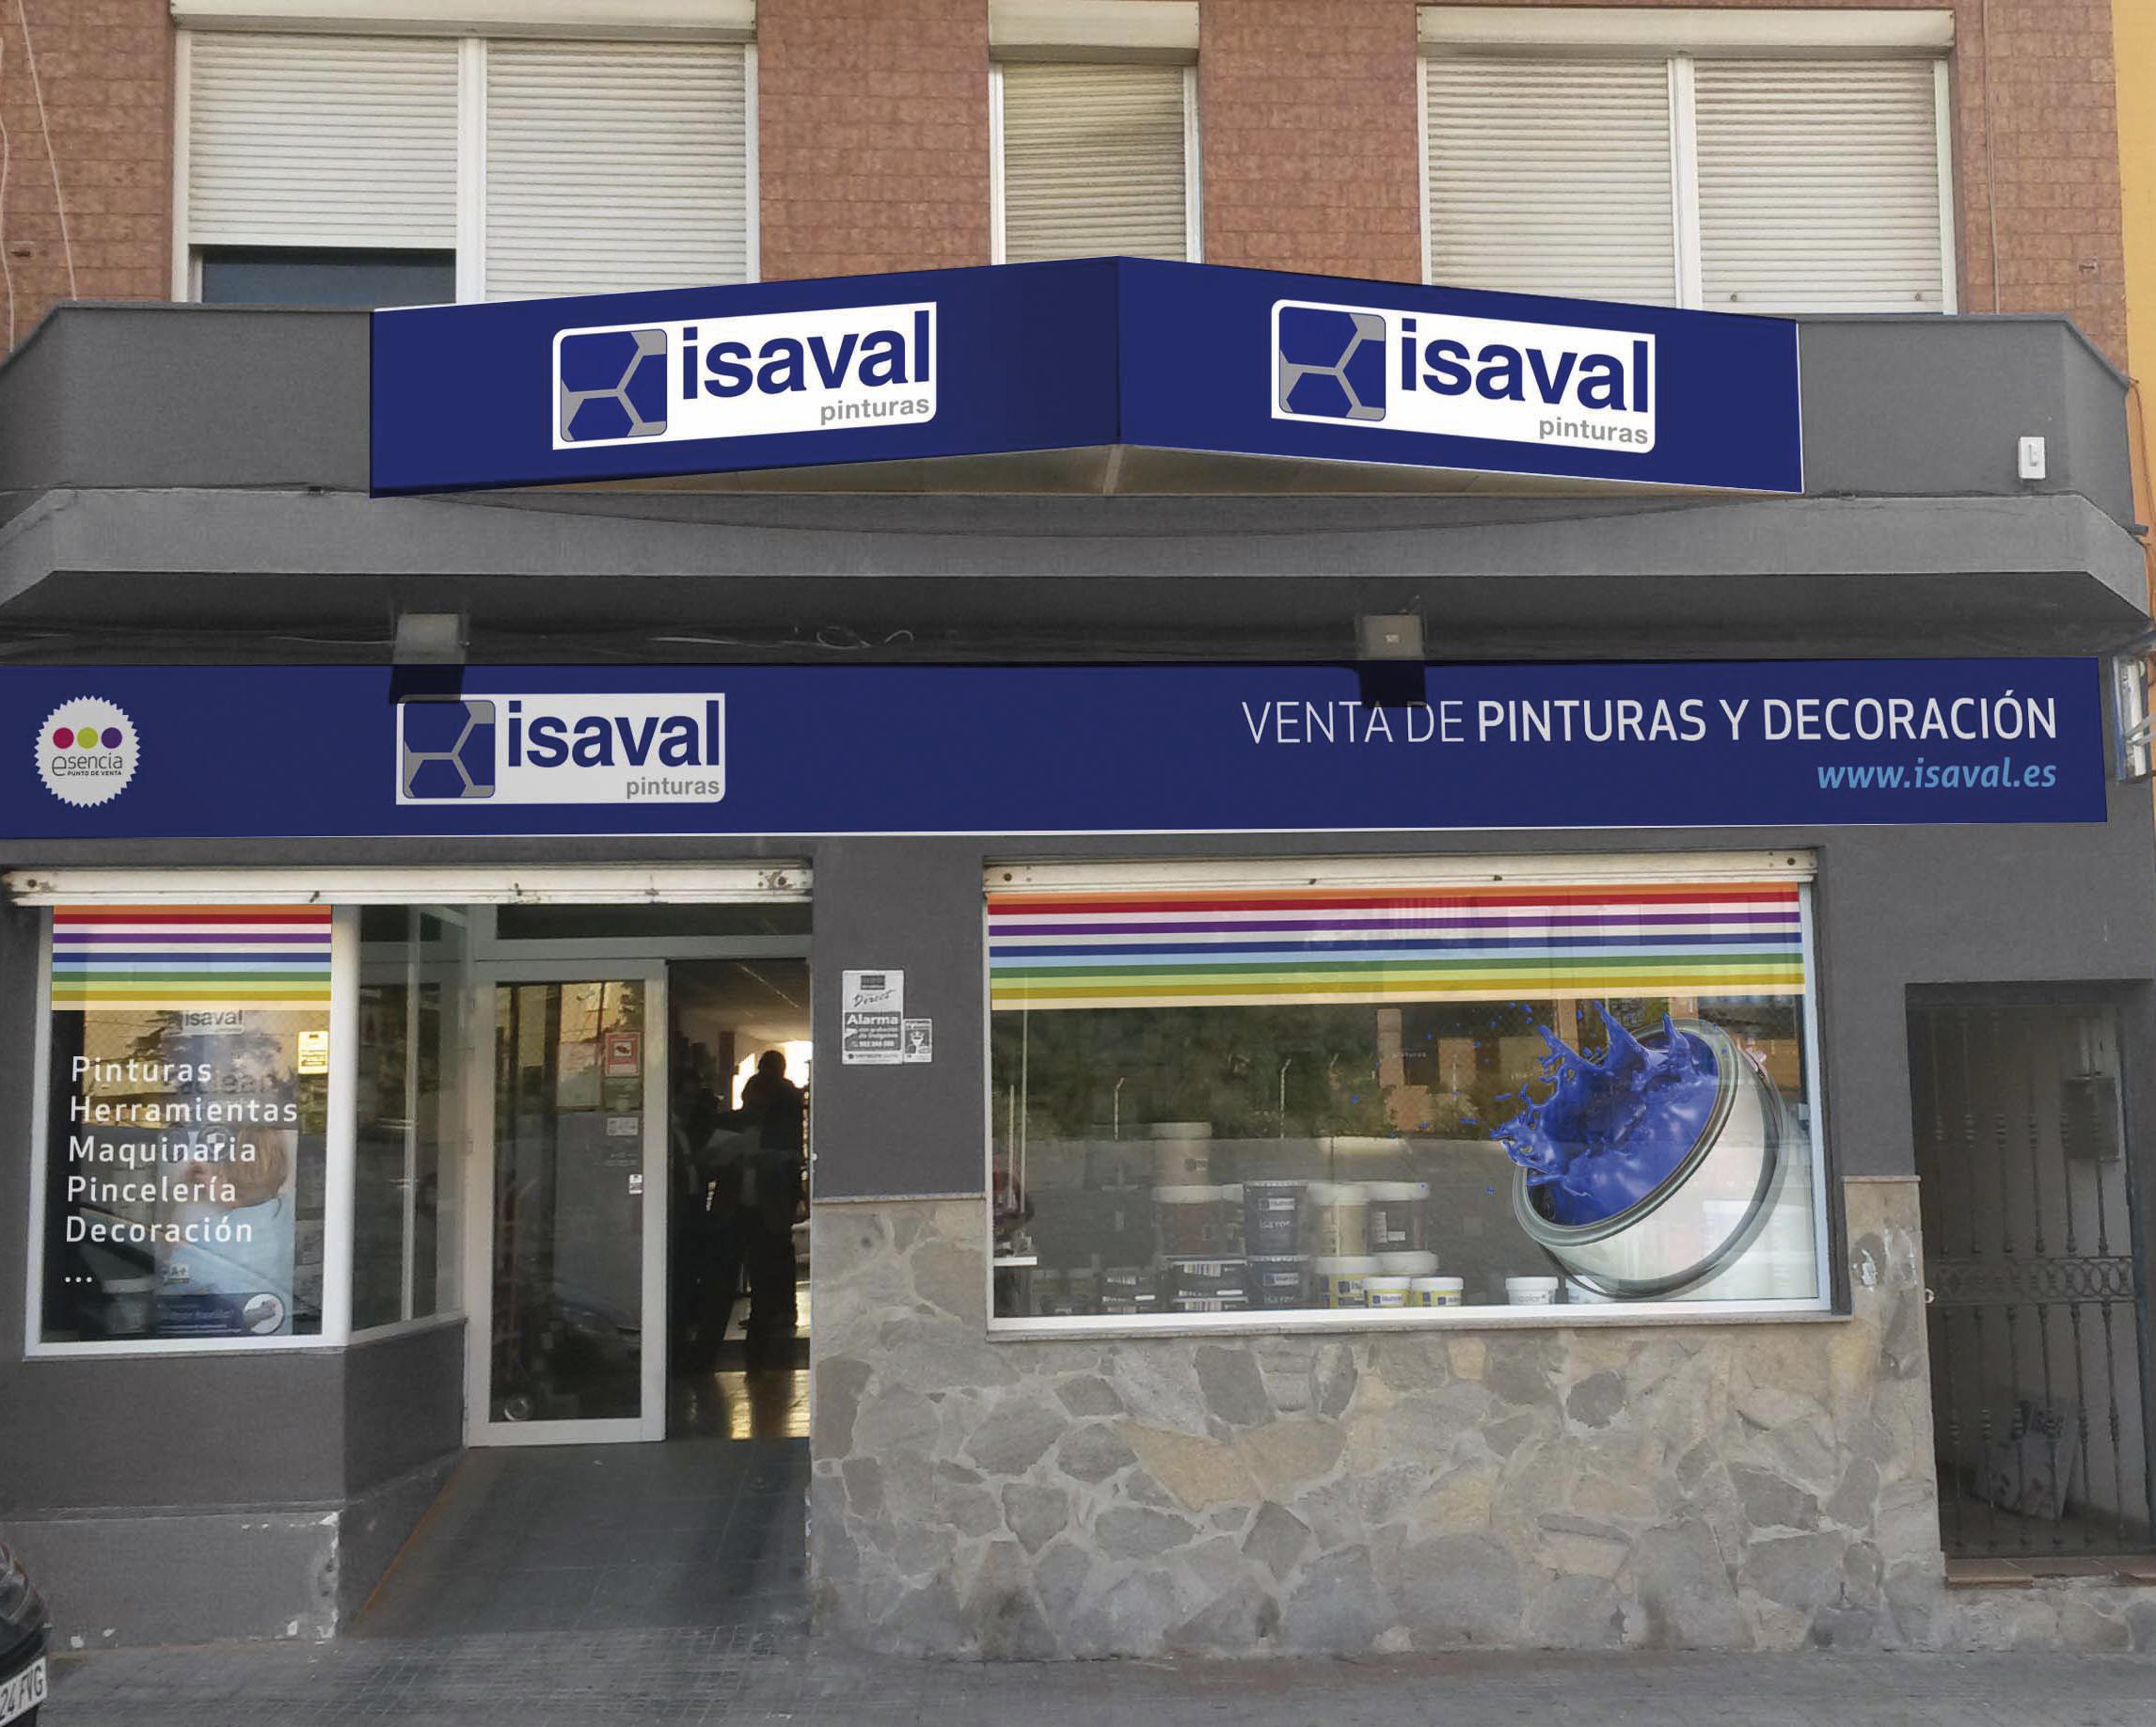 Tienda De Muebles Algeciras : Tienda decoracion algeciras solo otra idea de imagen